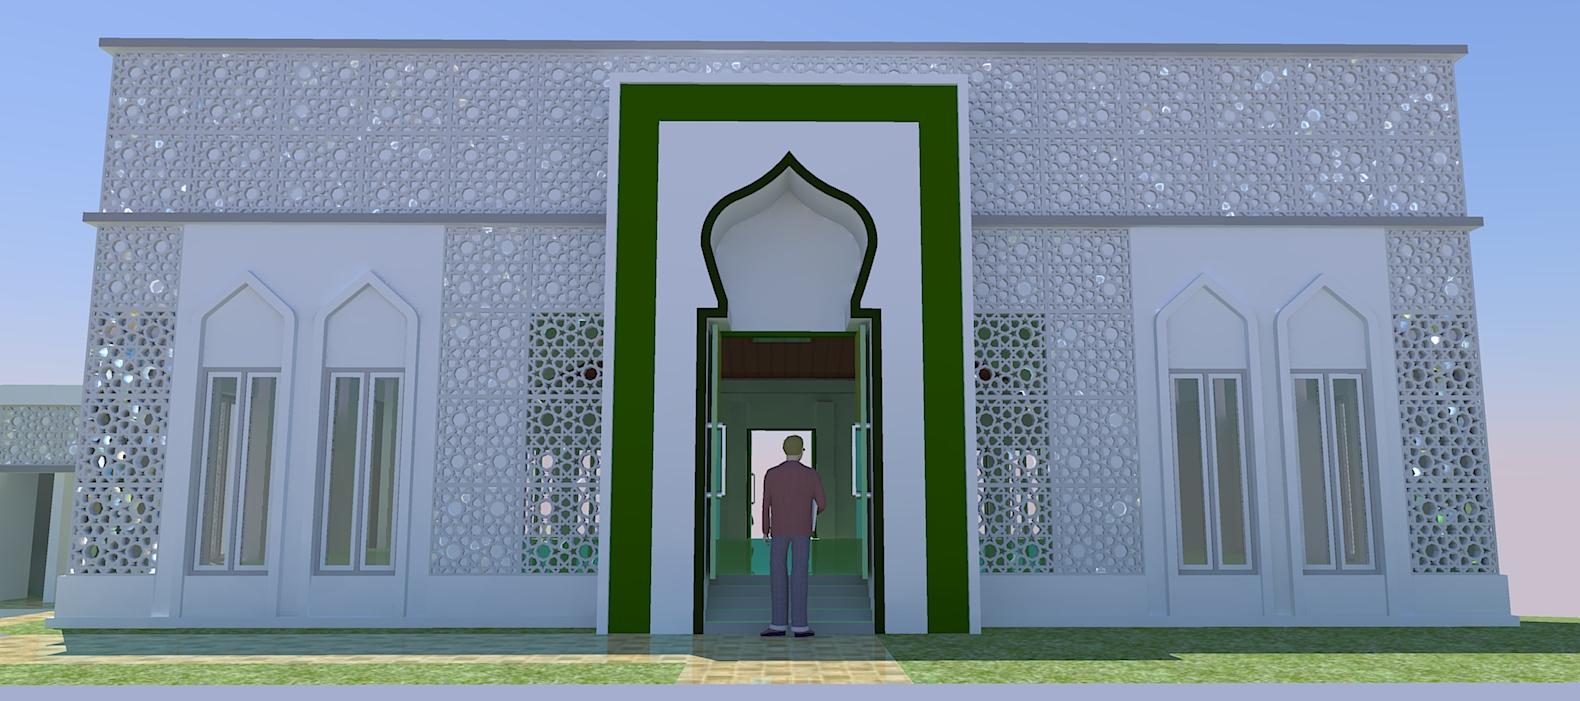 Gambar Masjid Jasa Pembuatan Site Plan